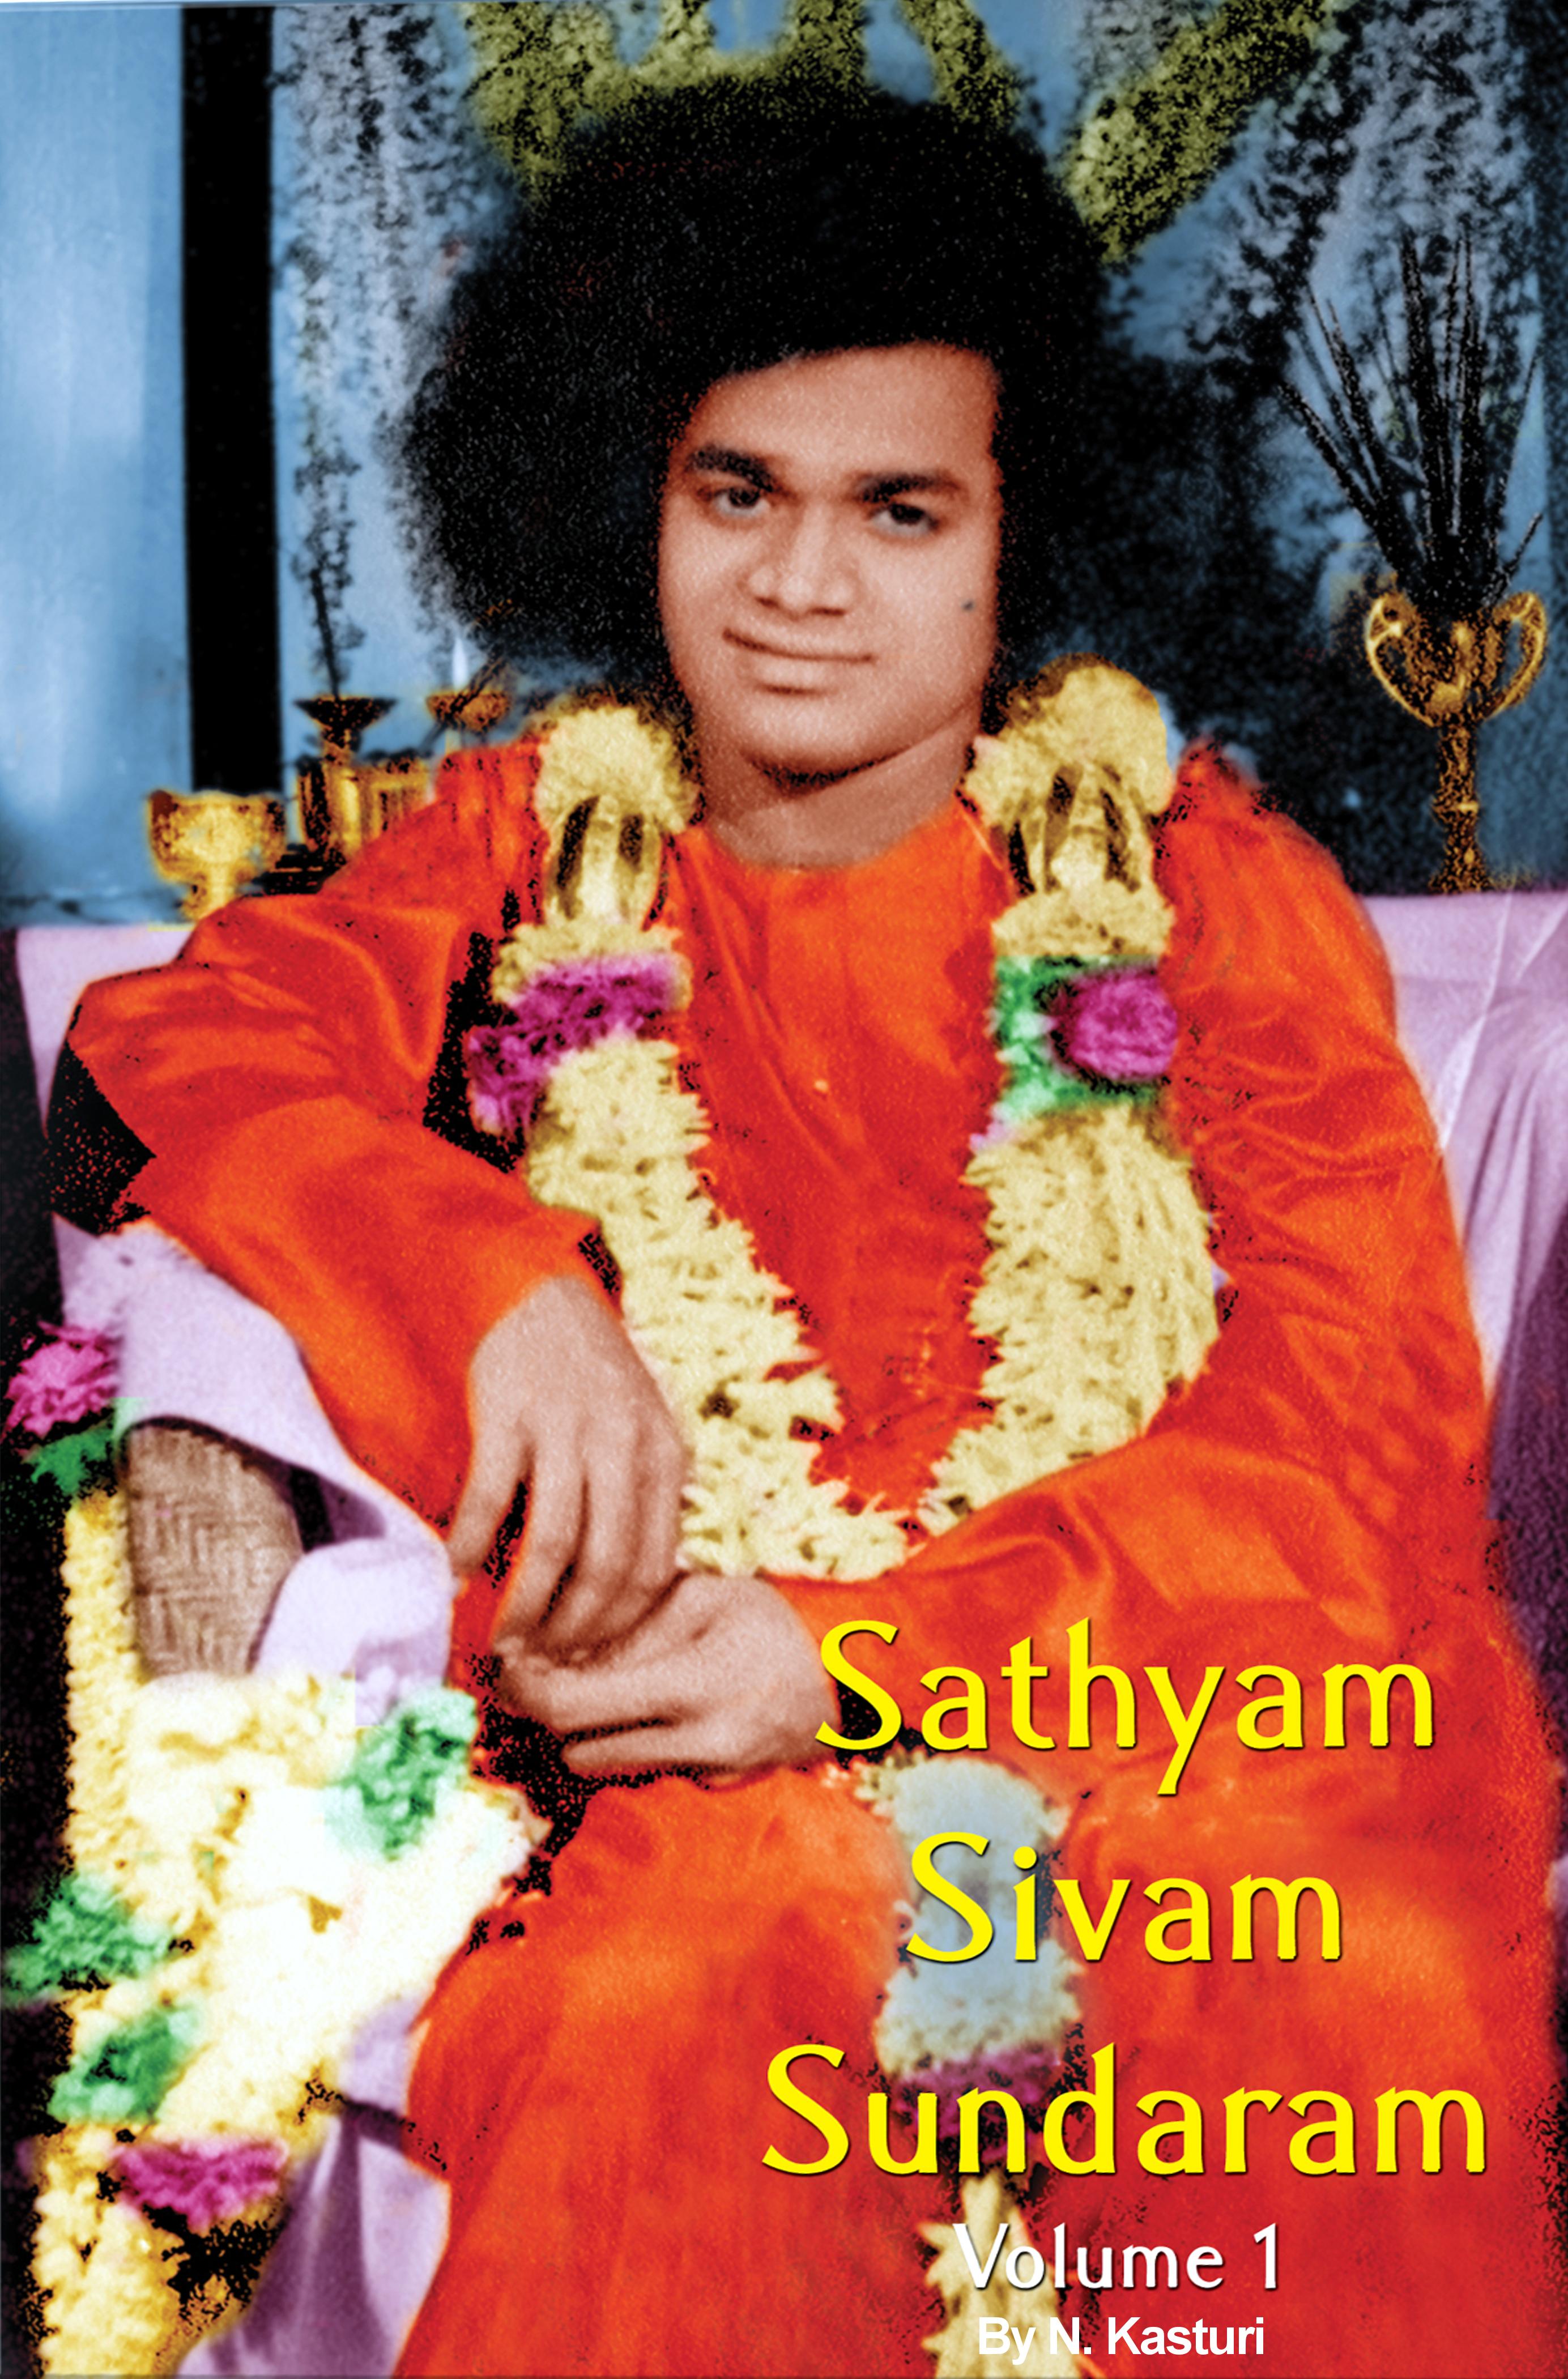 Smashwords – Sathyam Sivam Sundaram Volume 1 – a book by N